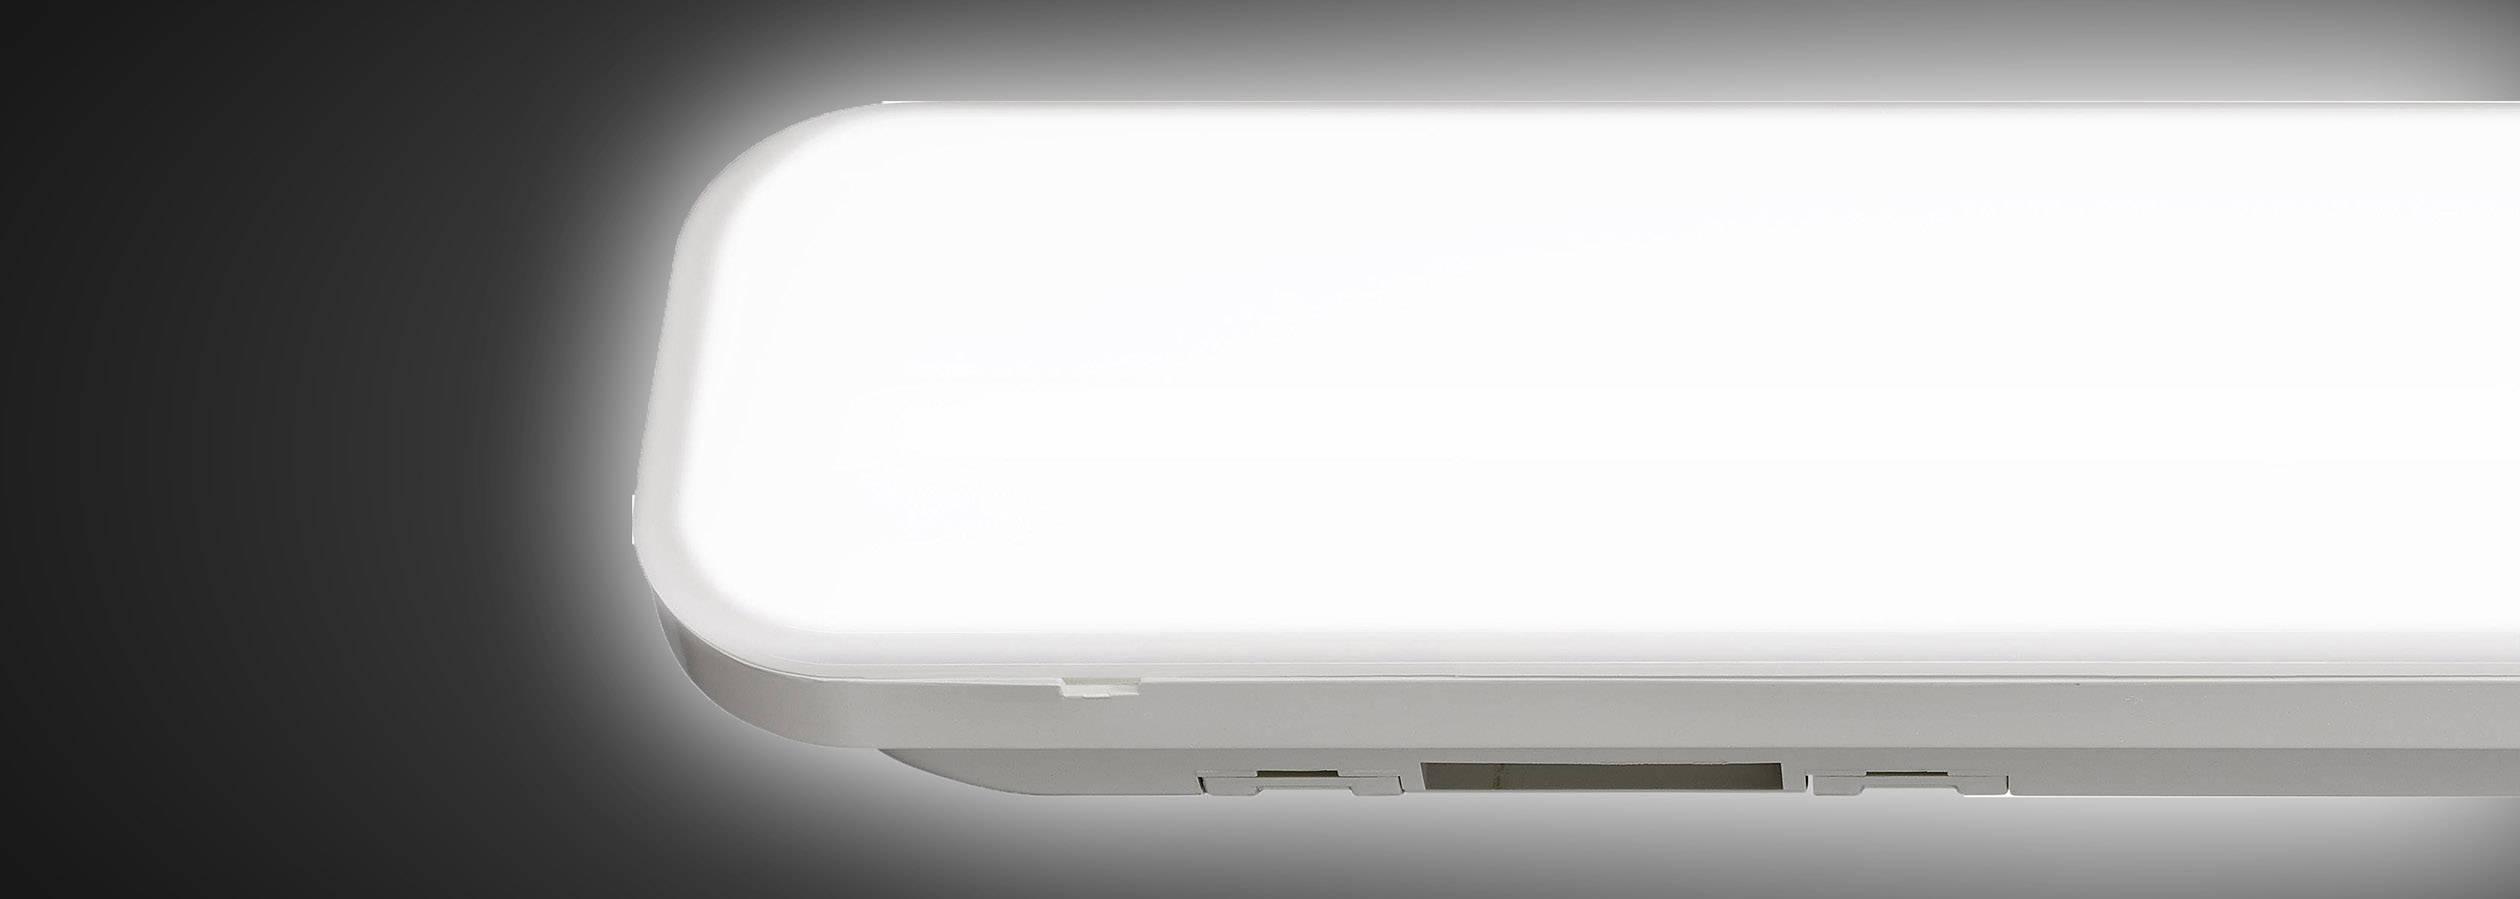 LED světlo do vlhkých prostor Renkforce, pevně vestavěné, 24 W, neutrálně bílá